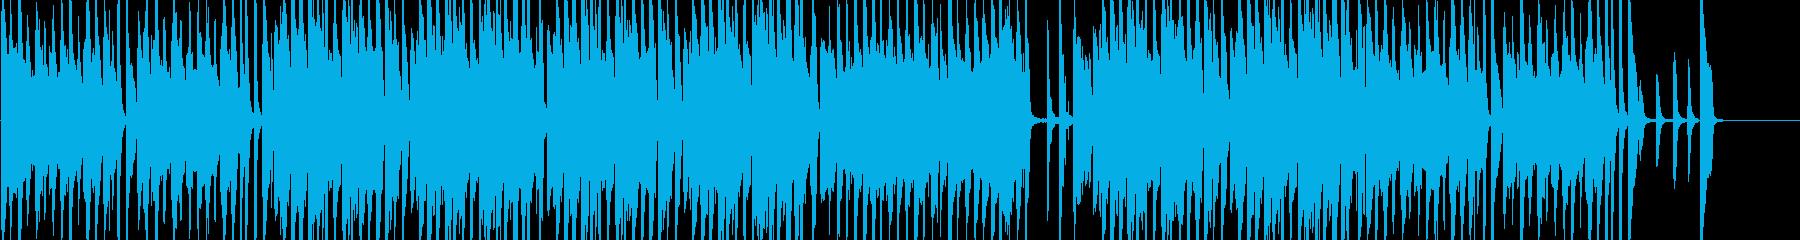 オシャレなジャズBGMロングver.の再生済みの波形